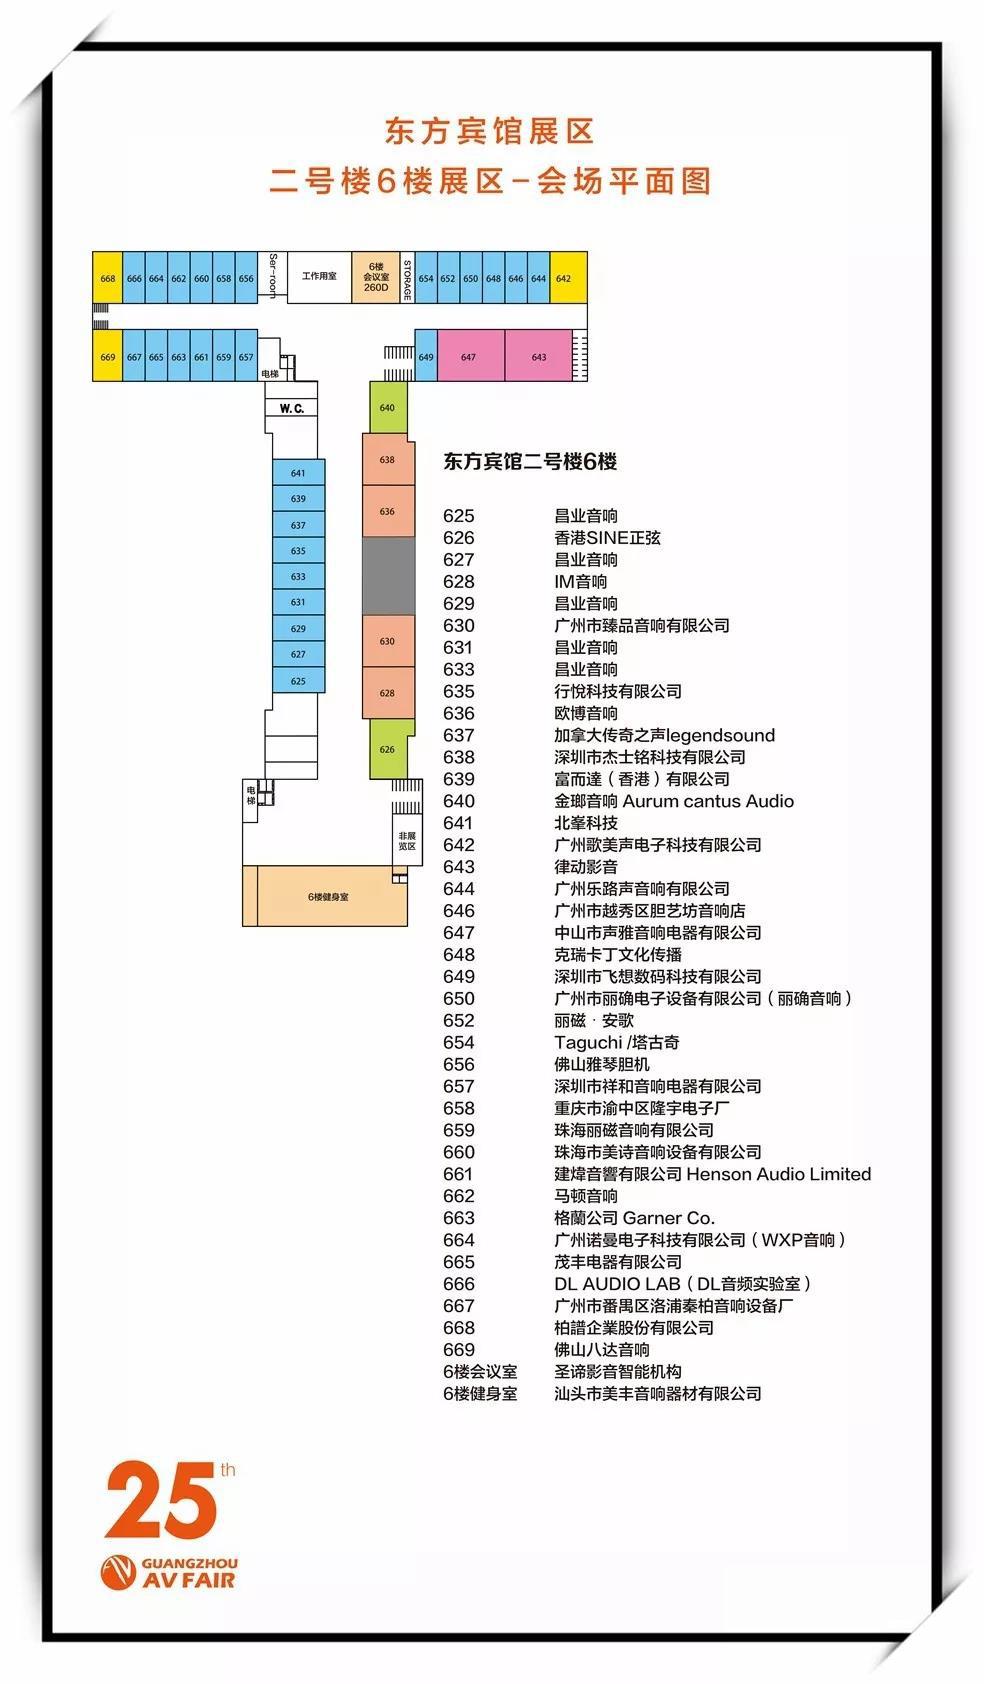 【参观指南】2018 第25届 广州国际音响唱片展 参展商名录&展区平面图